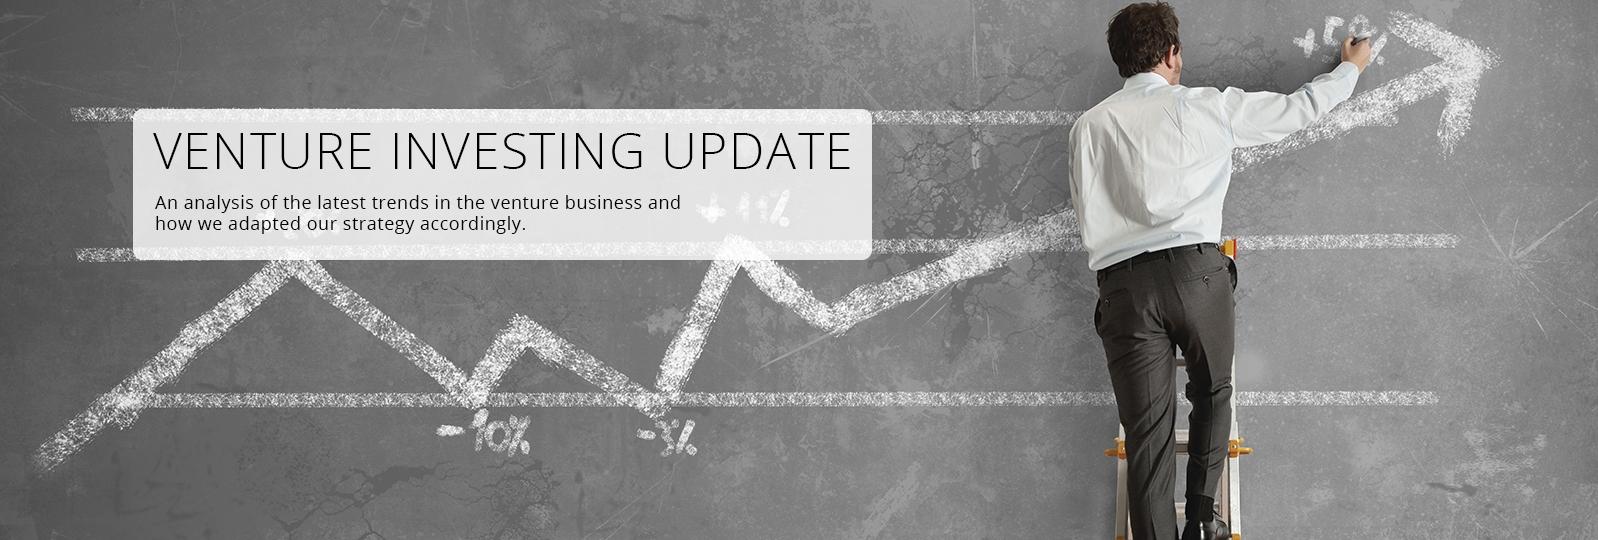 venture-investing-update